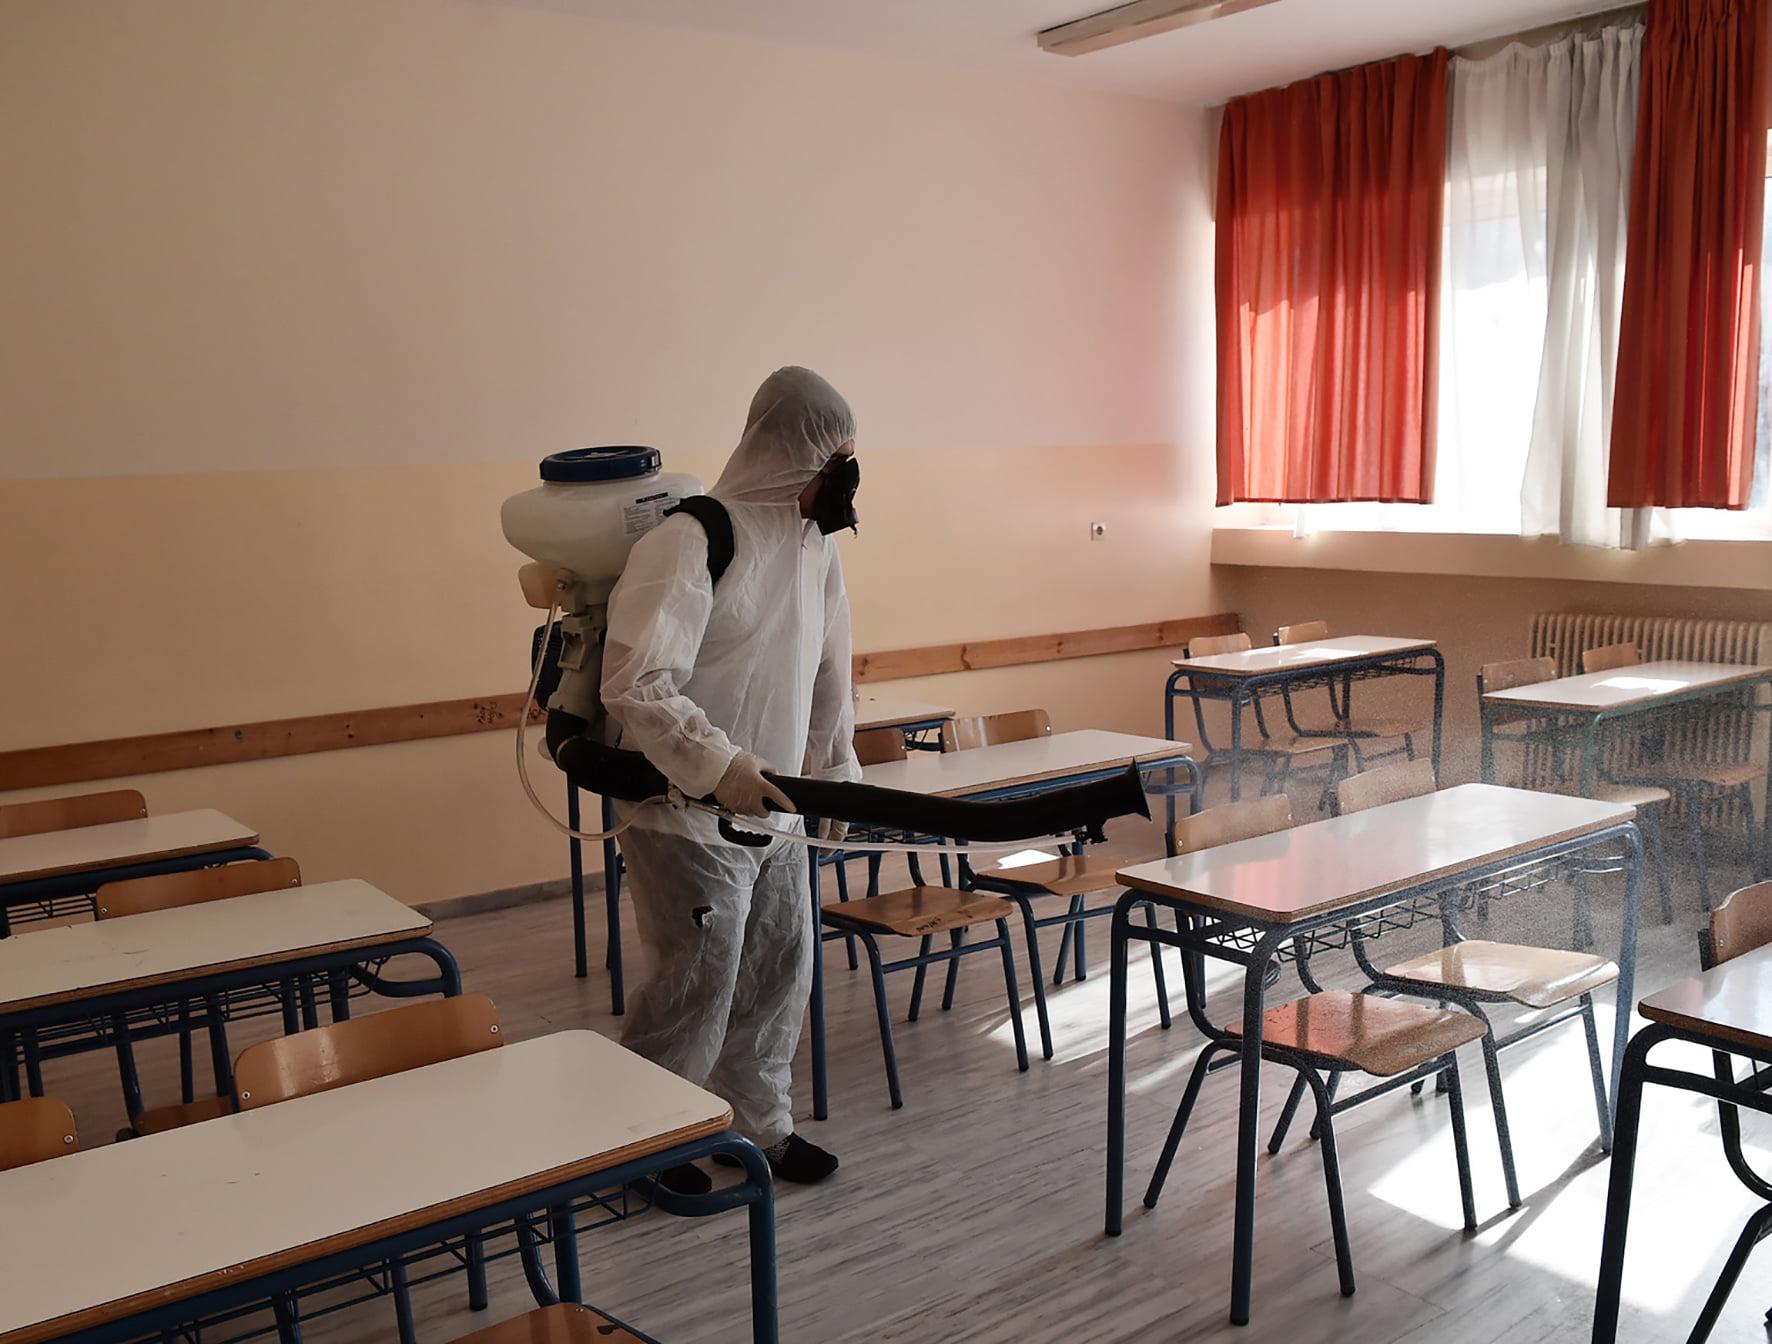 Το κρούσμα στο ΣΕΚ φέρνει καραντίνες μαθητών στο 2ο ΕΠΑΛ Αγρινίου